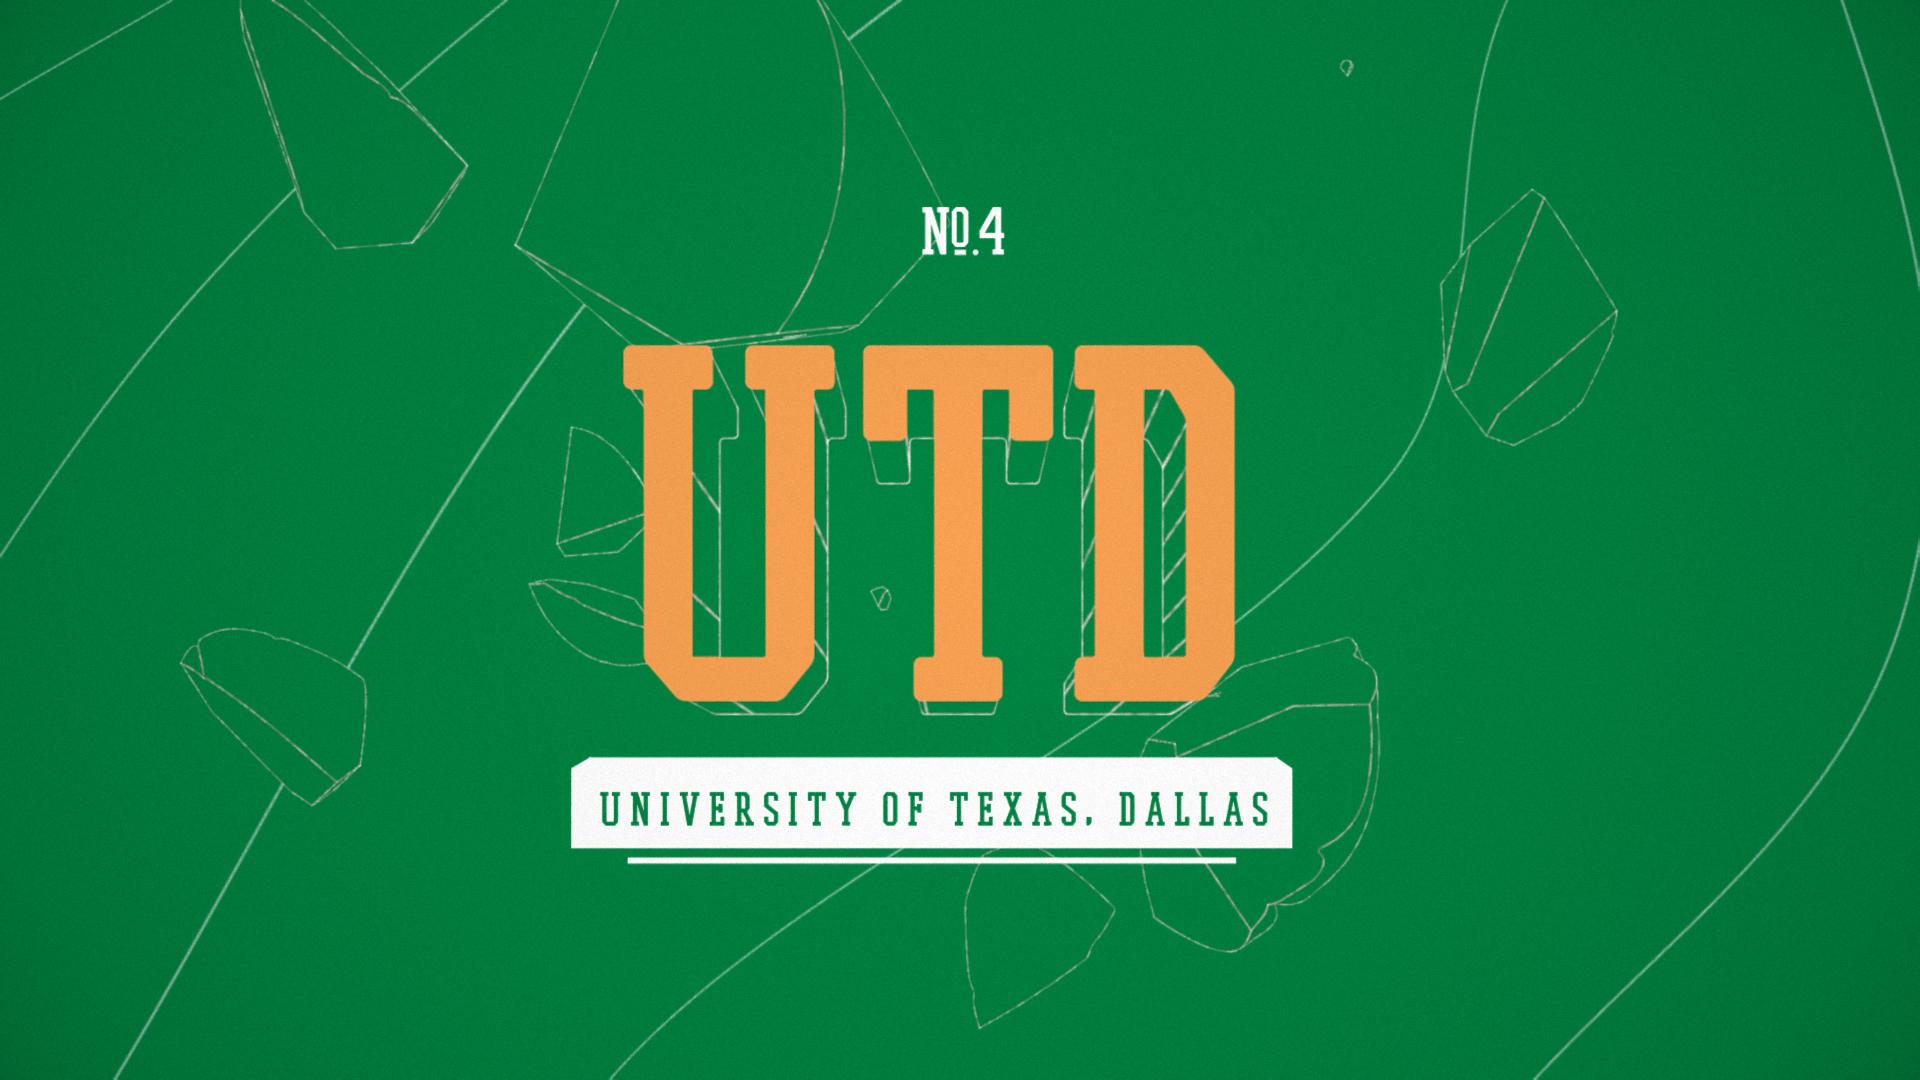 UTD_Letters.jpg